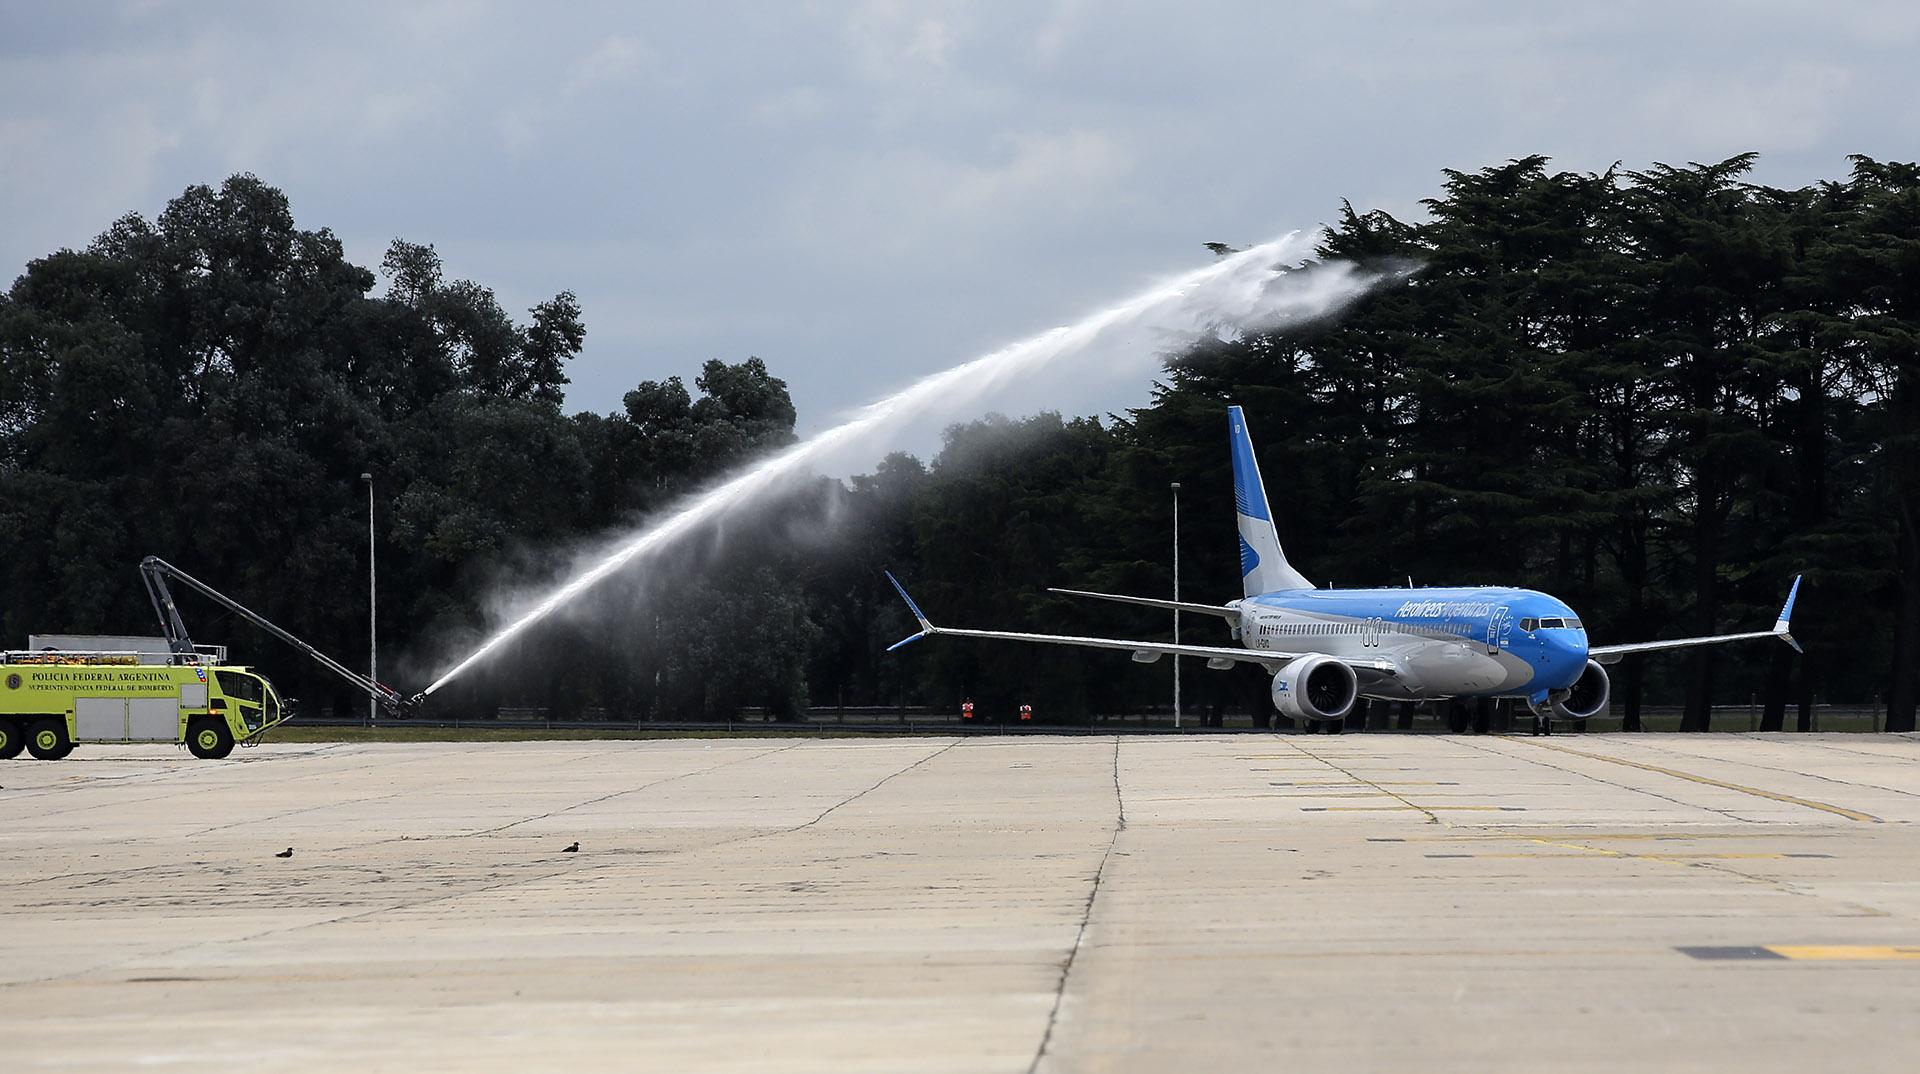 La aeronave permite un 14% en la reducción de emisión de carbono, un 8% en reducción de costos operativos y reduce un 40% la huella sonora